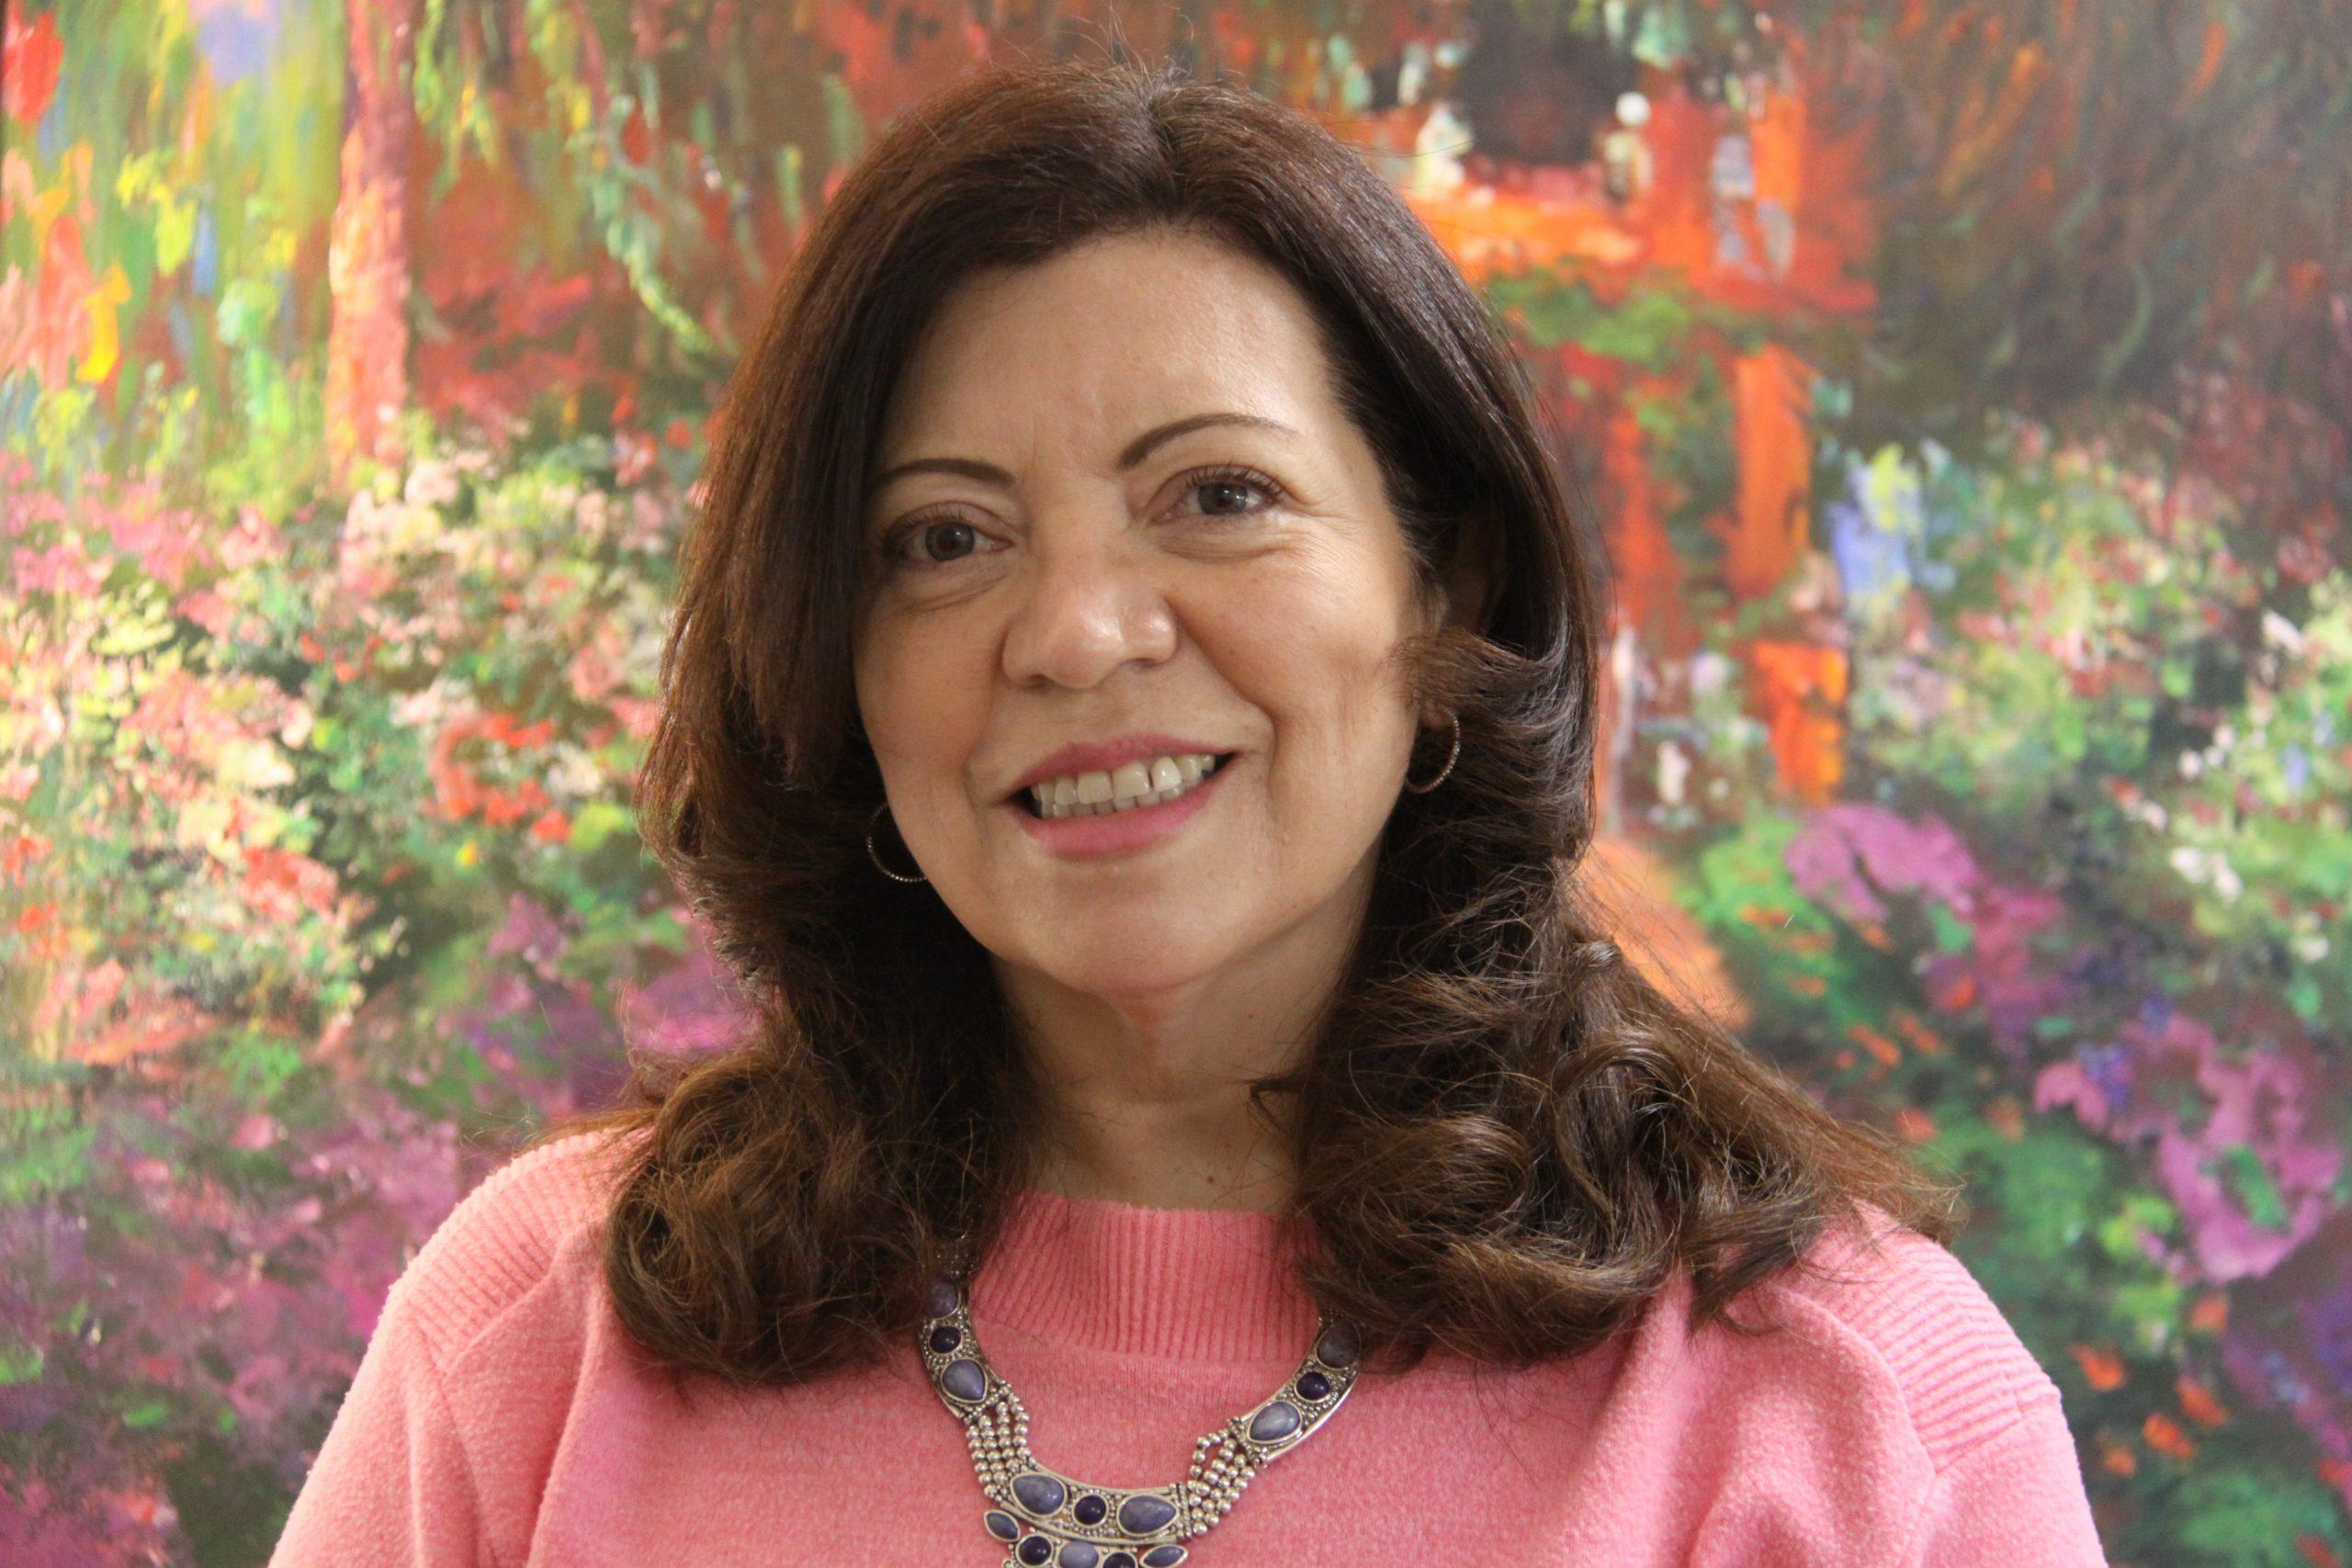 Dr. Martinez-Stoltenberg